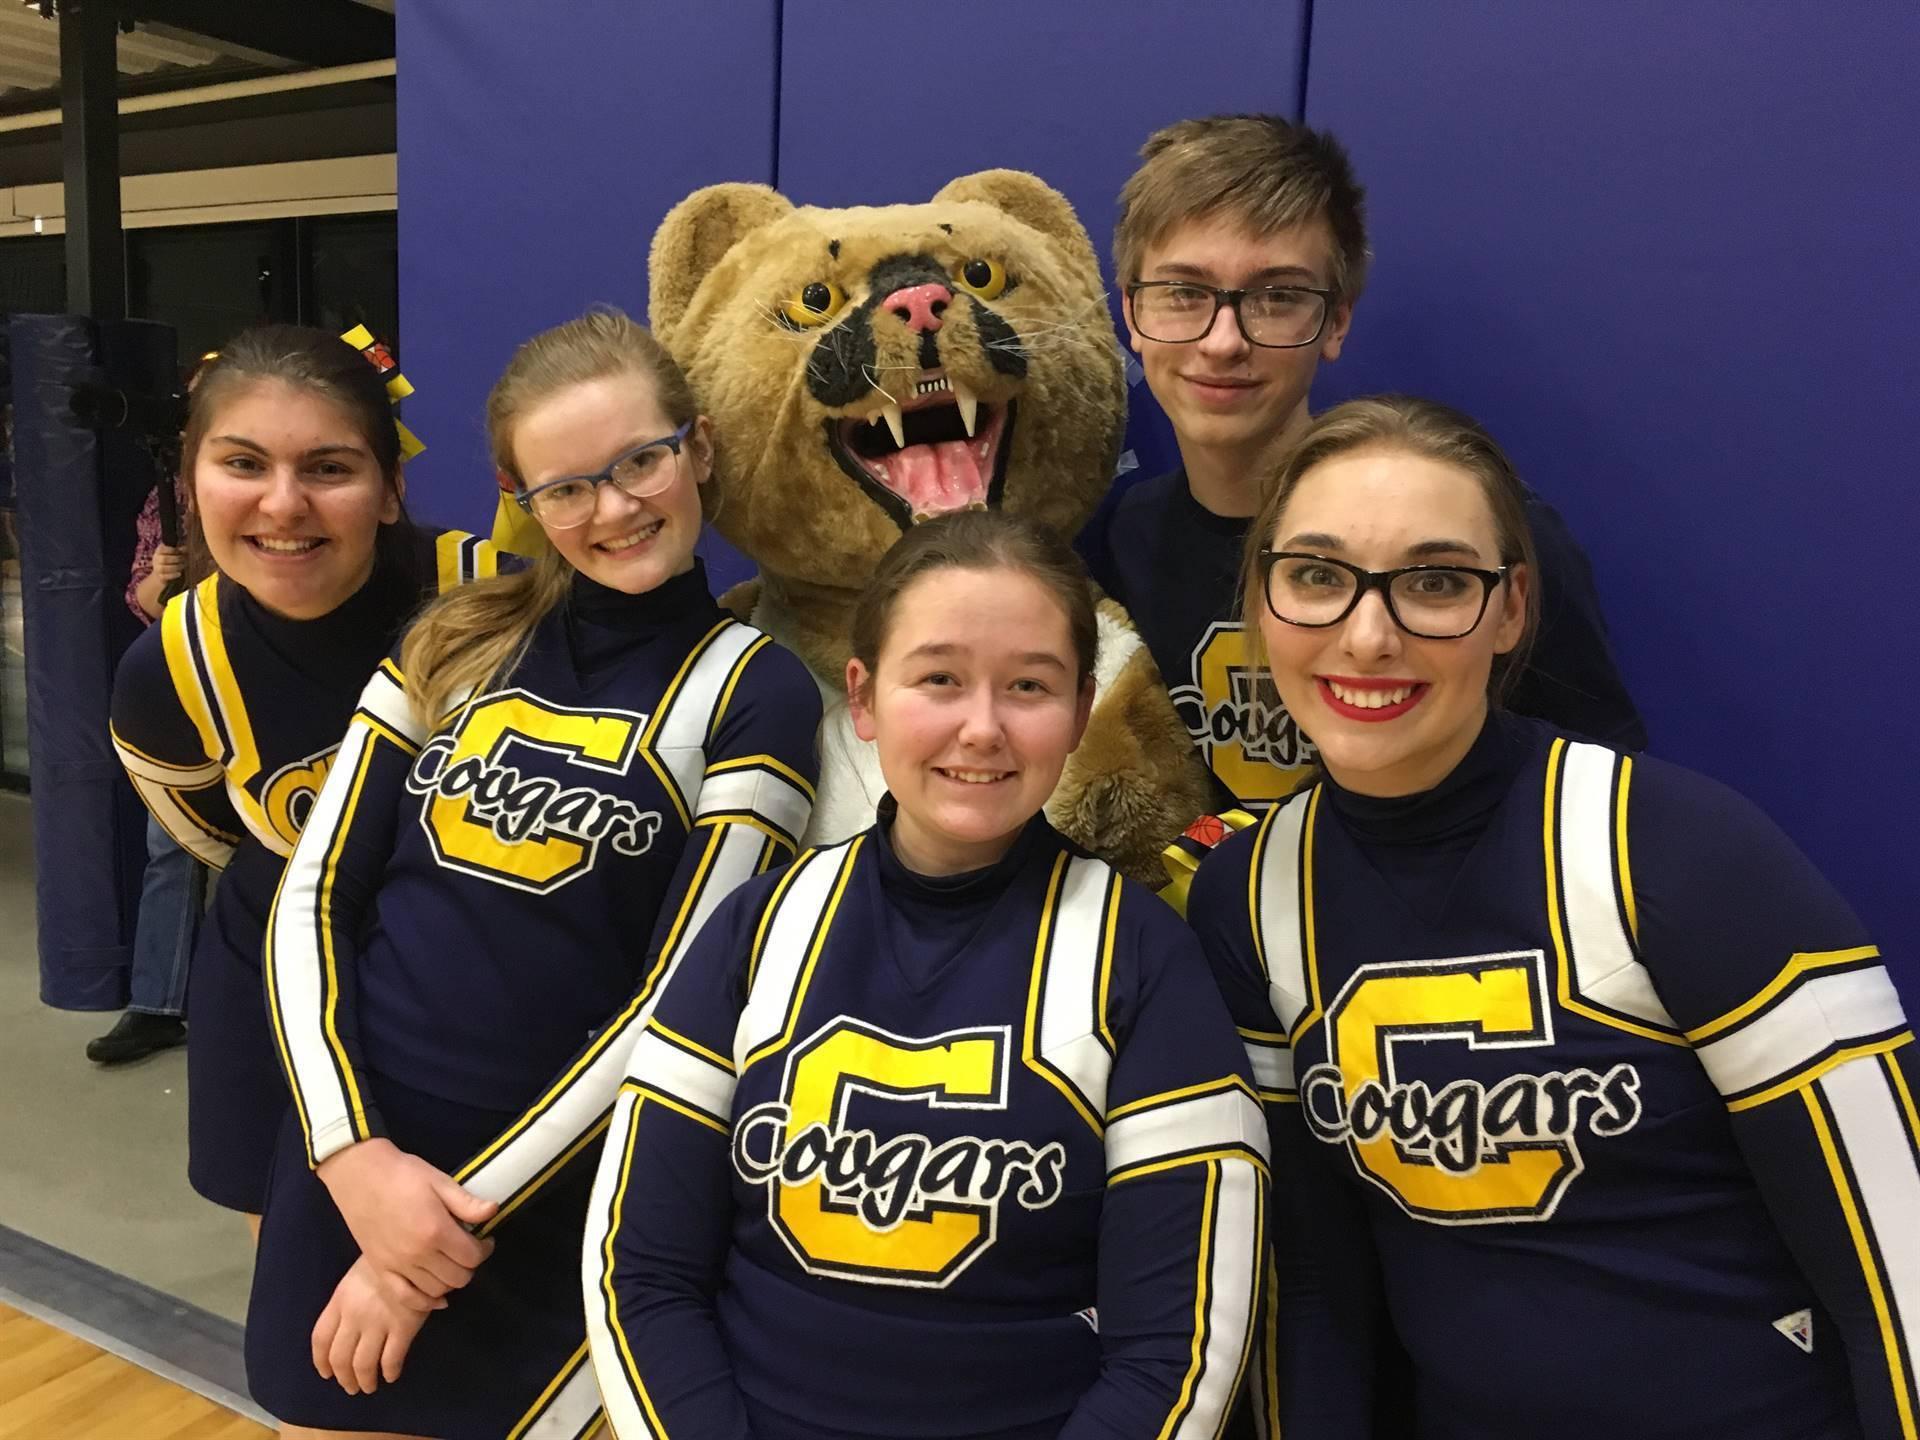 CHS cheerleaders